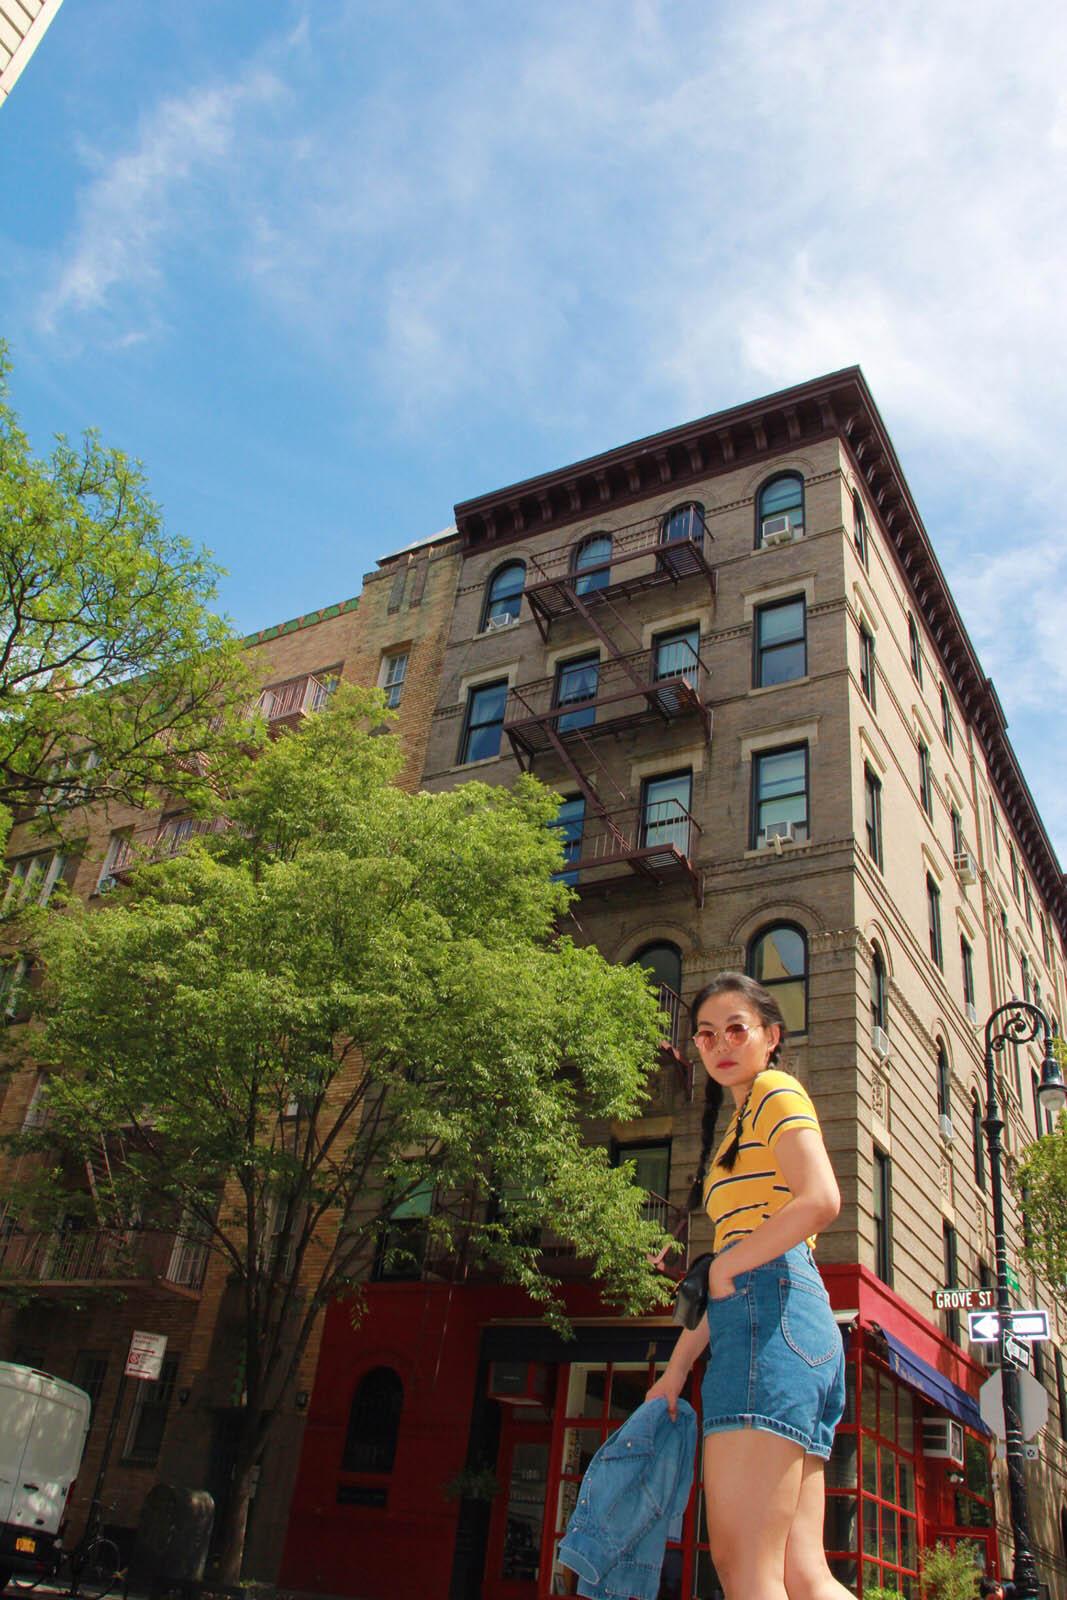 'Friends' Apartment